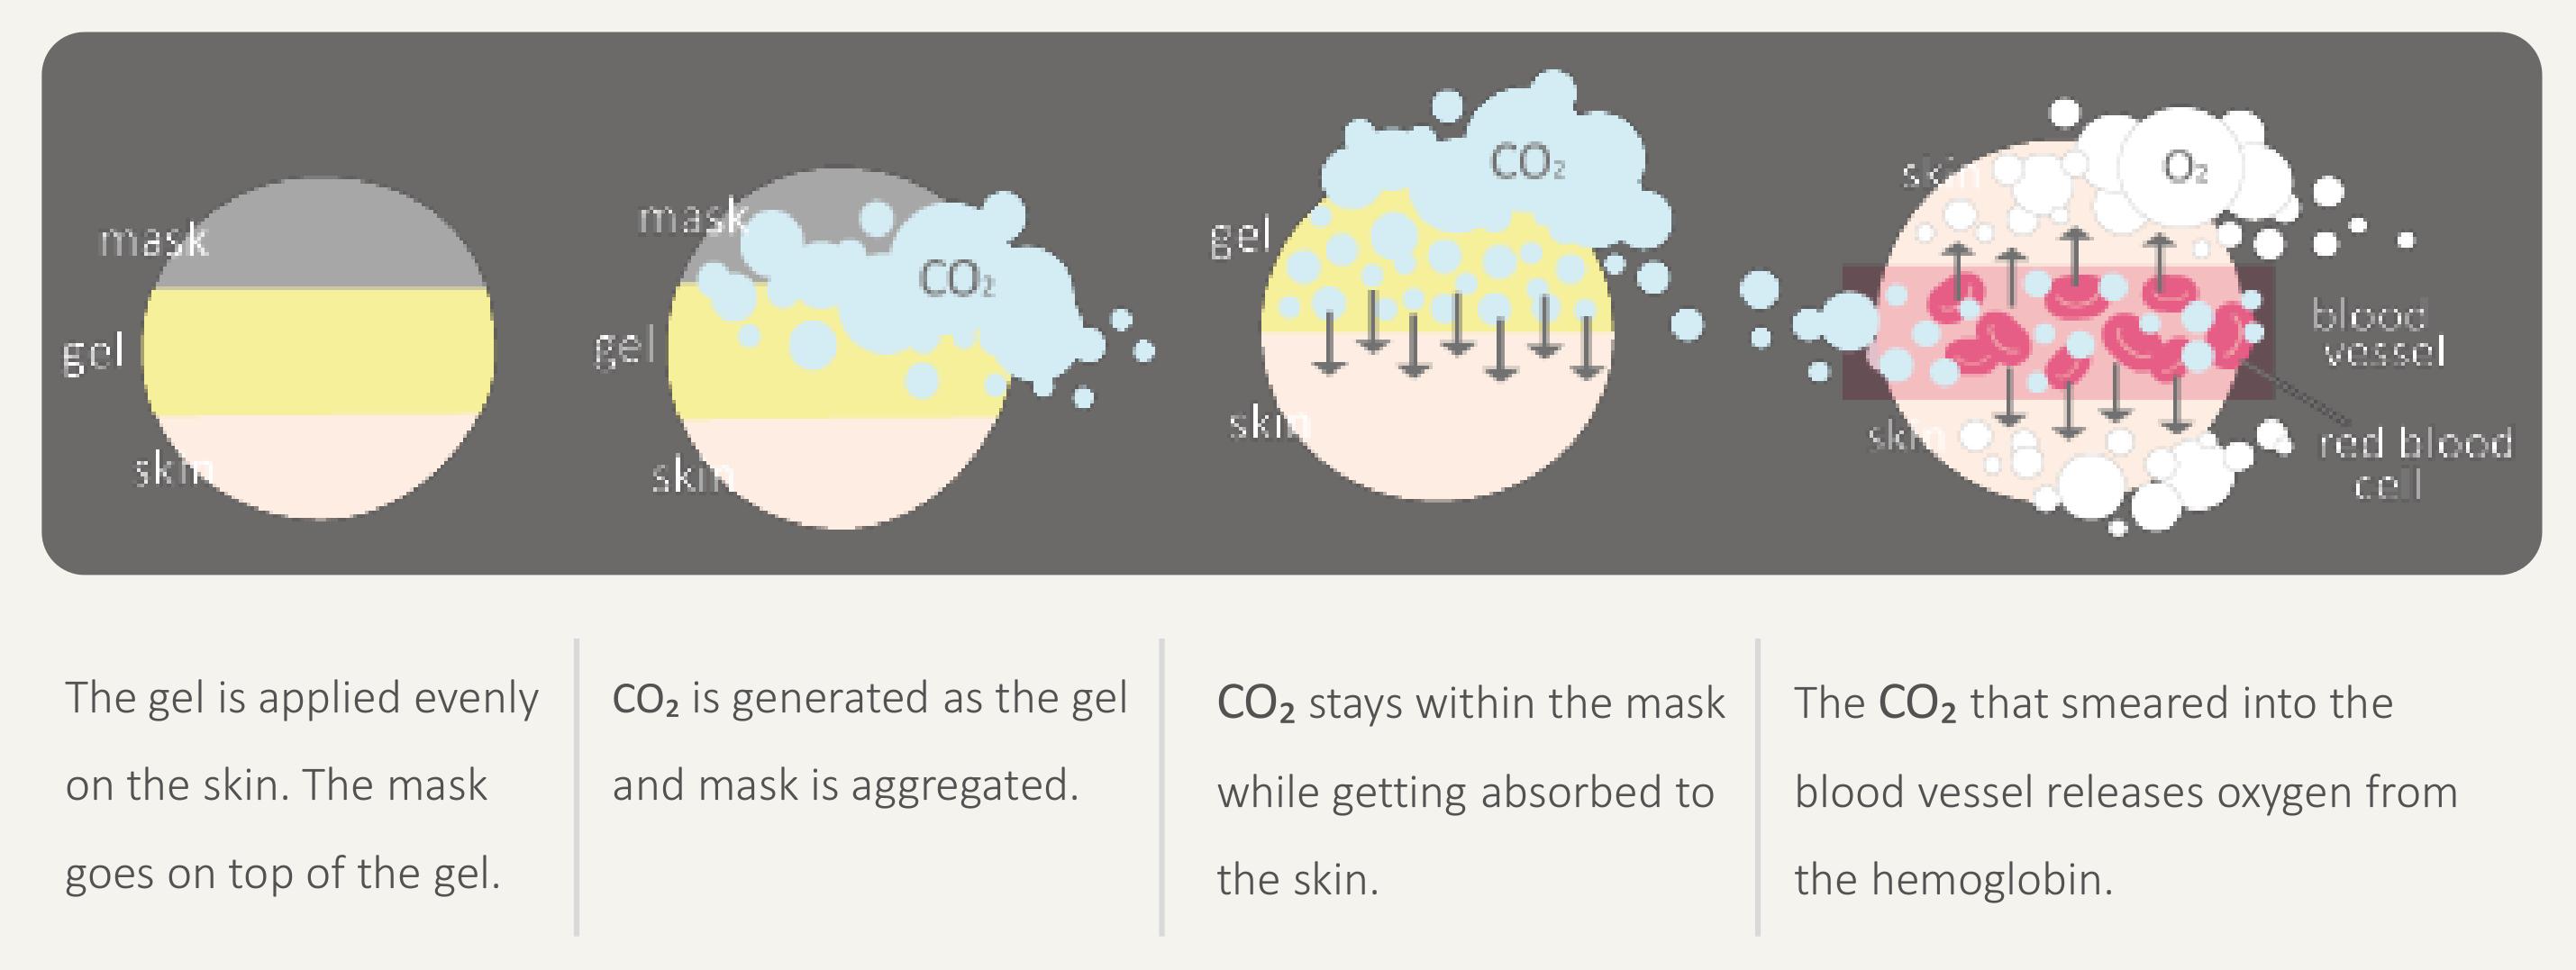 RIOR CO2